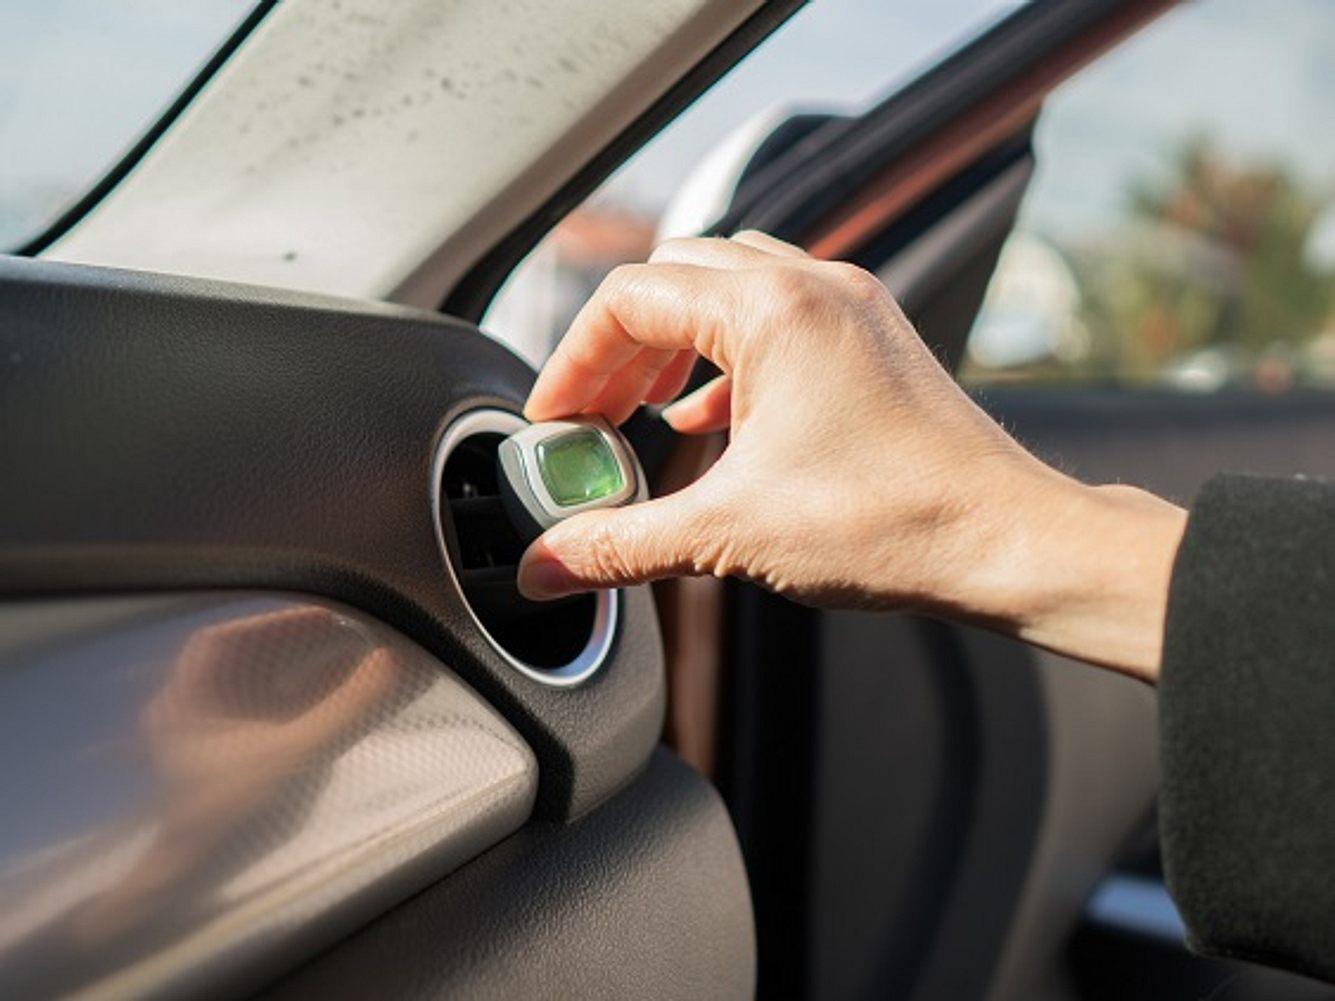 Frau installiert Autoduft im Auto